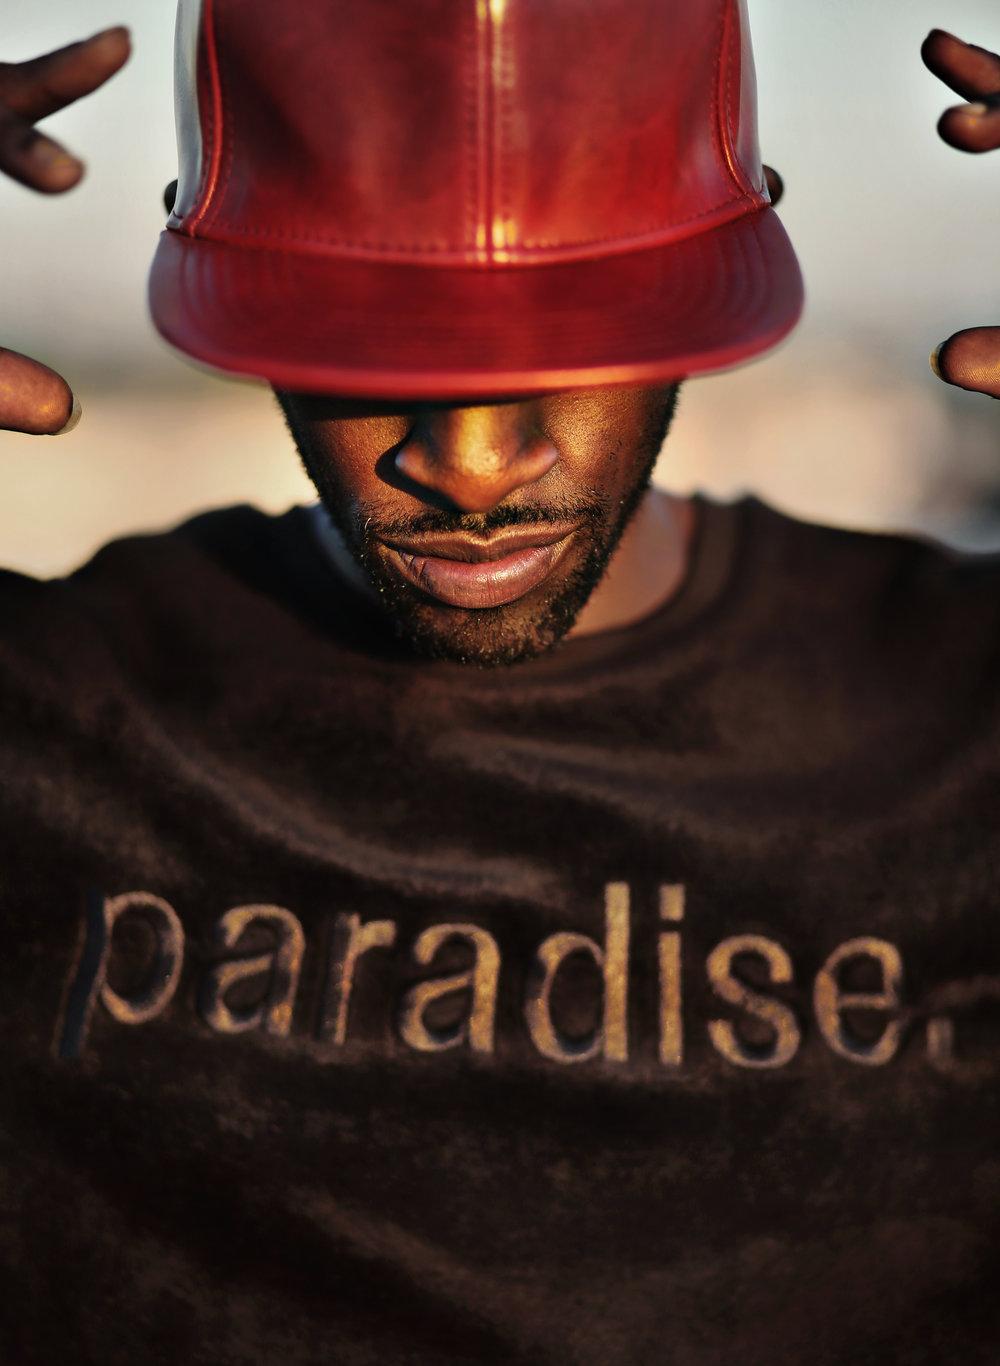 Moe_Paradise_01.jpg